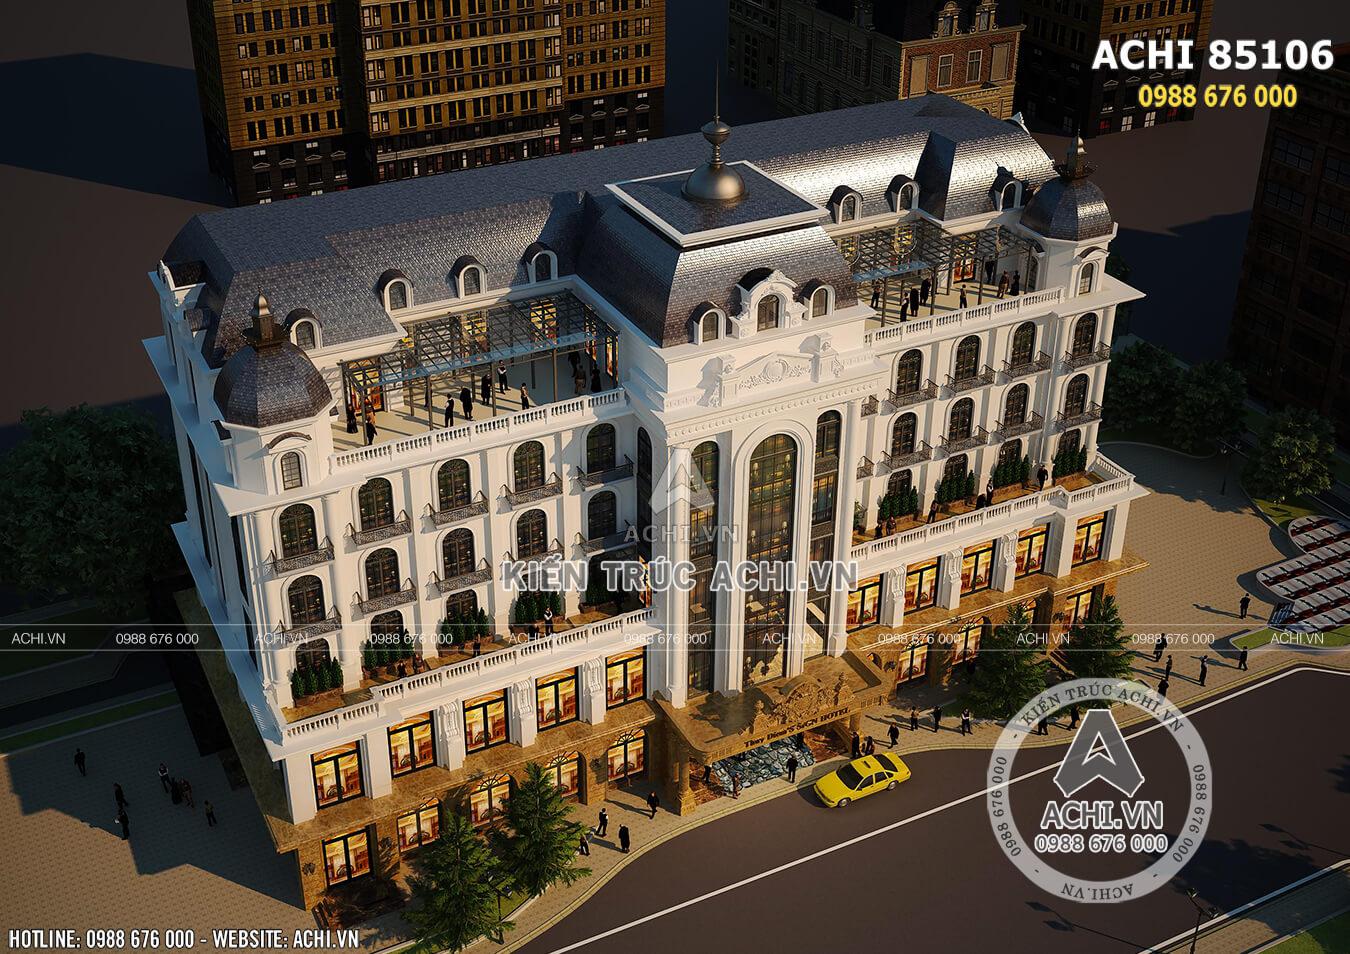 Mẫu thiết kế khách sạn đẹp tiêu chuẩn 4,5 sao khi nhìn từ trên cao xuống